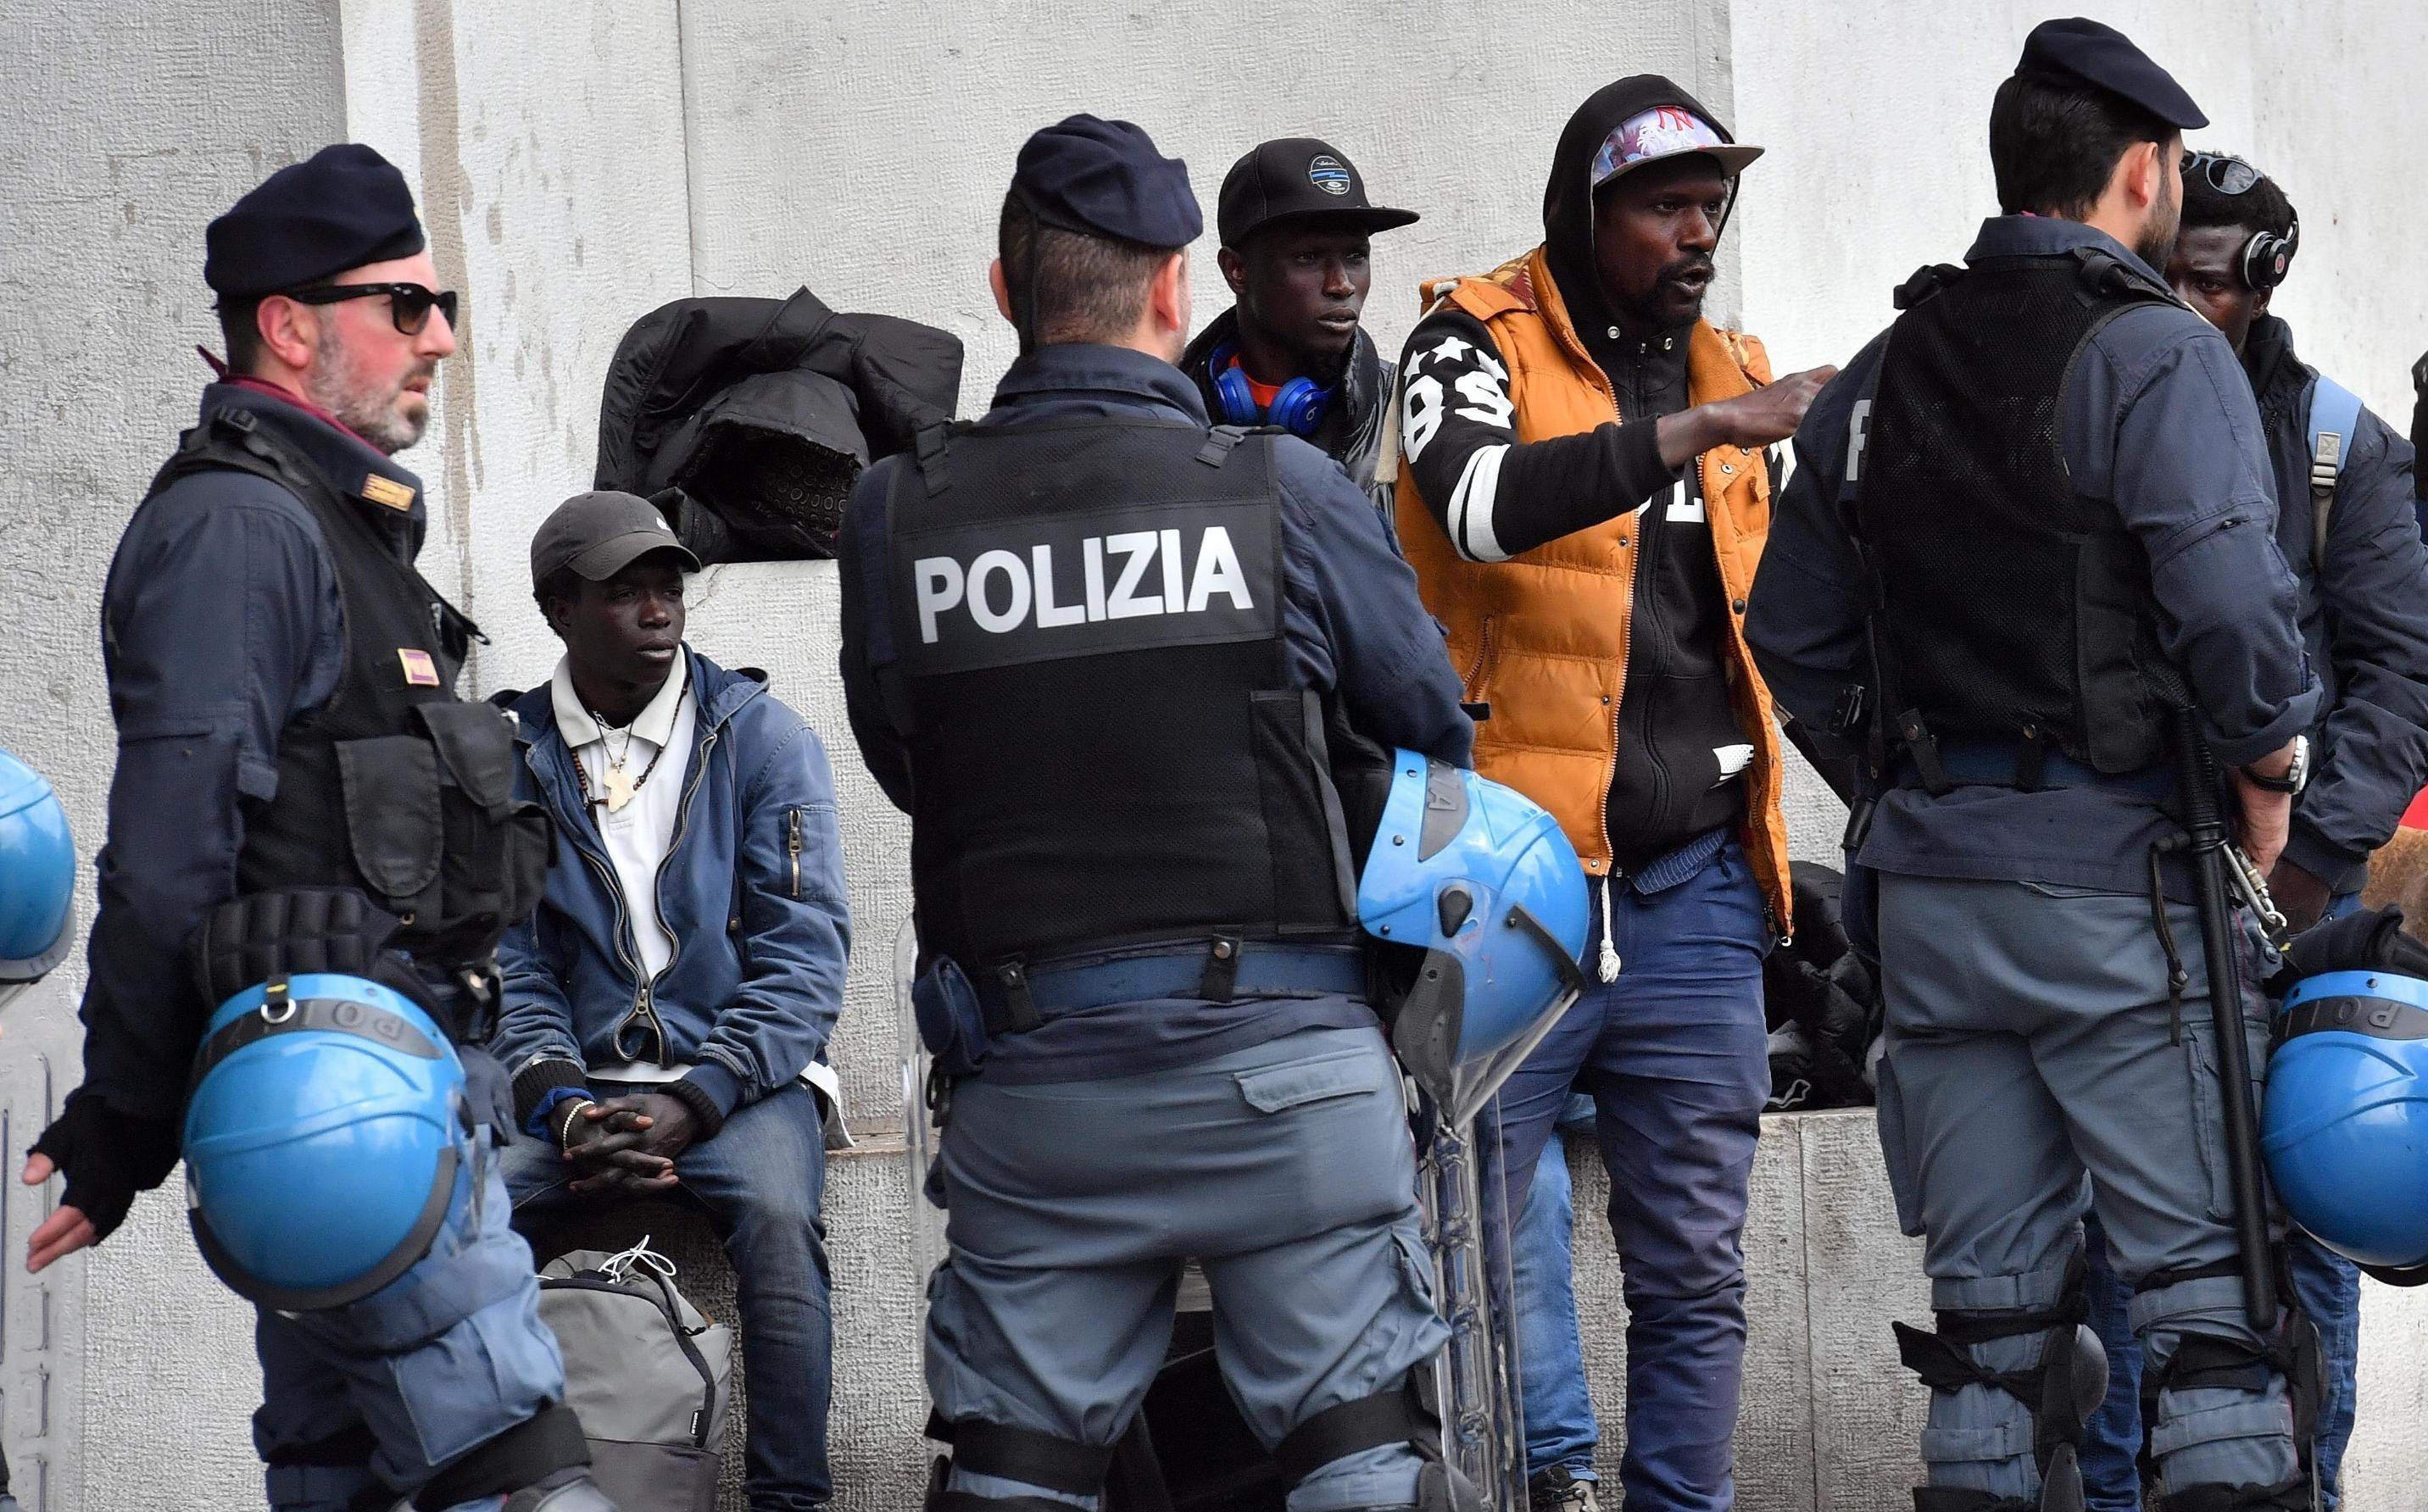 Rissa tra immigrati a Napoli: volano bottigliate, residenti impauriti, polizia circondata